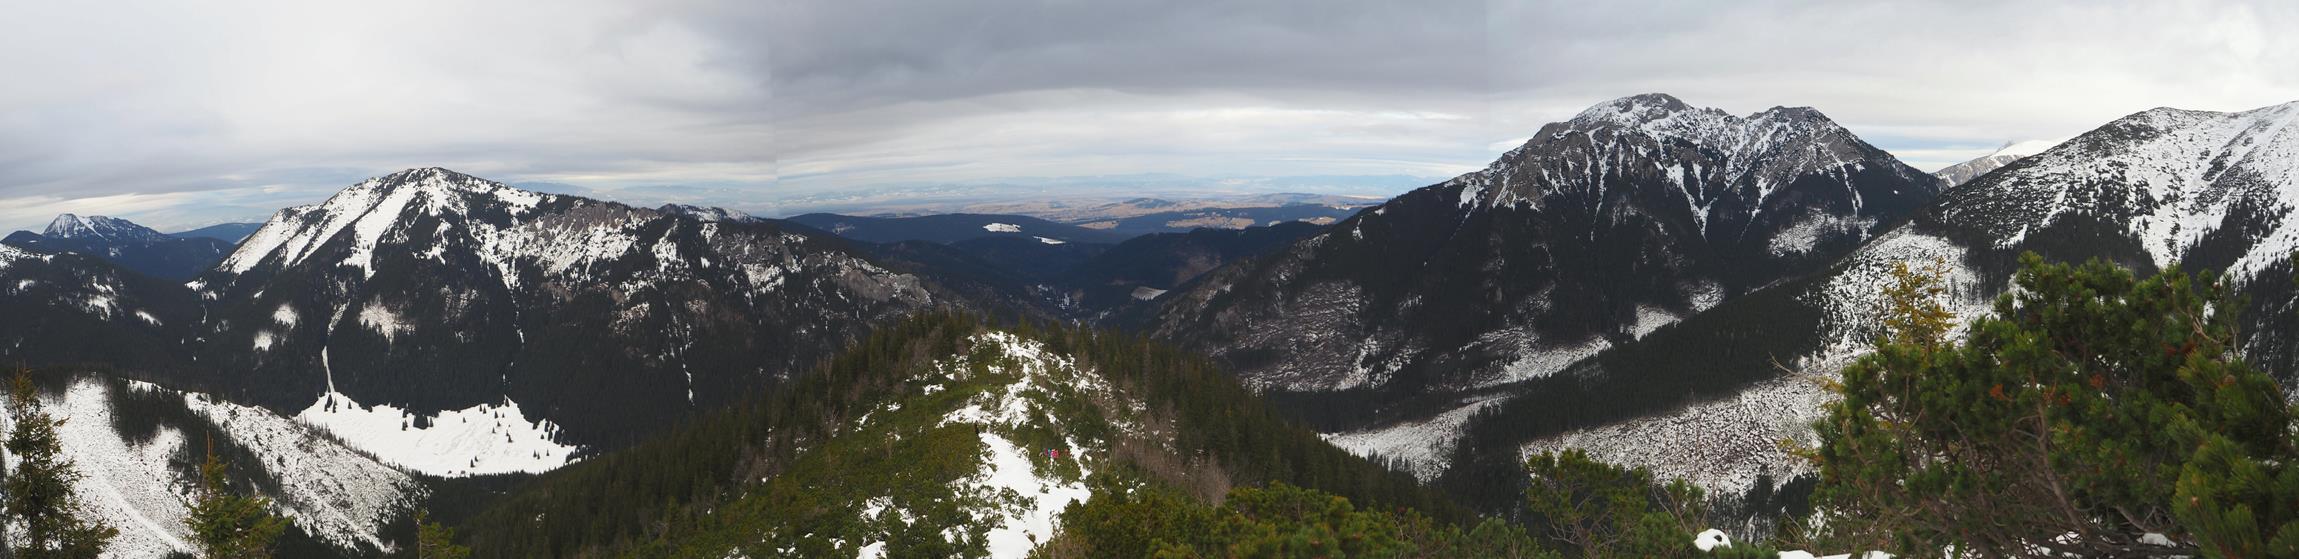 Widok z grzbietu prowadzącego na Trzydniowański Wierch